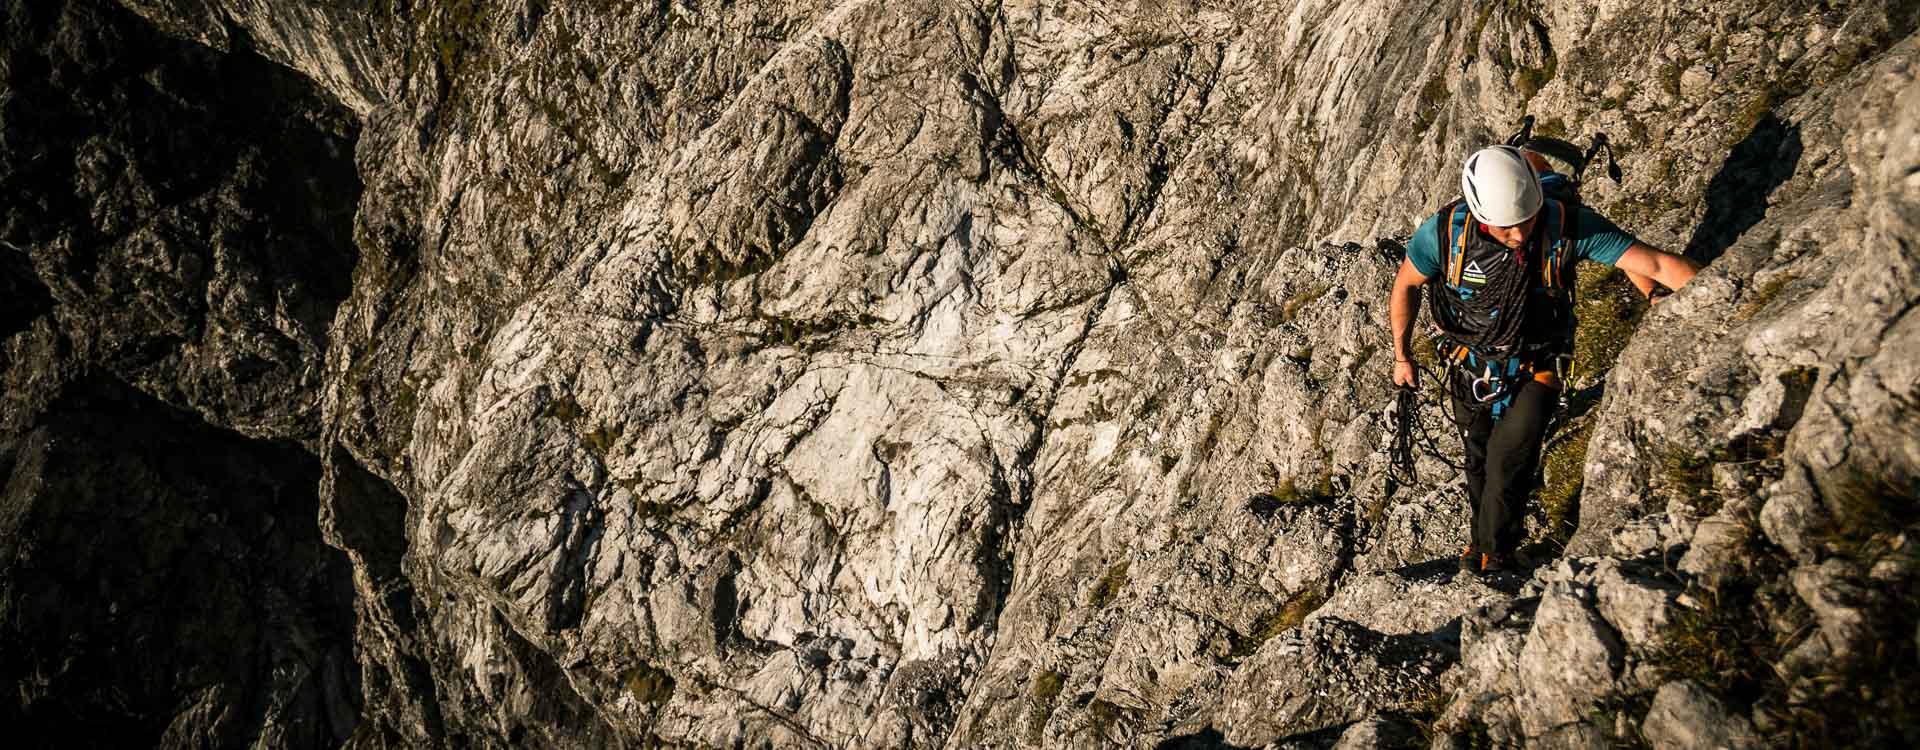 Fuehrung durch die Watzmann Ostwand durch einheimische Bergfuehrer